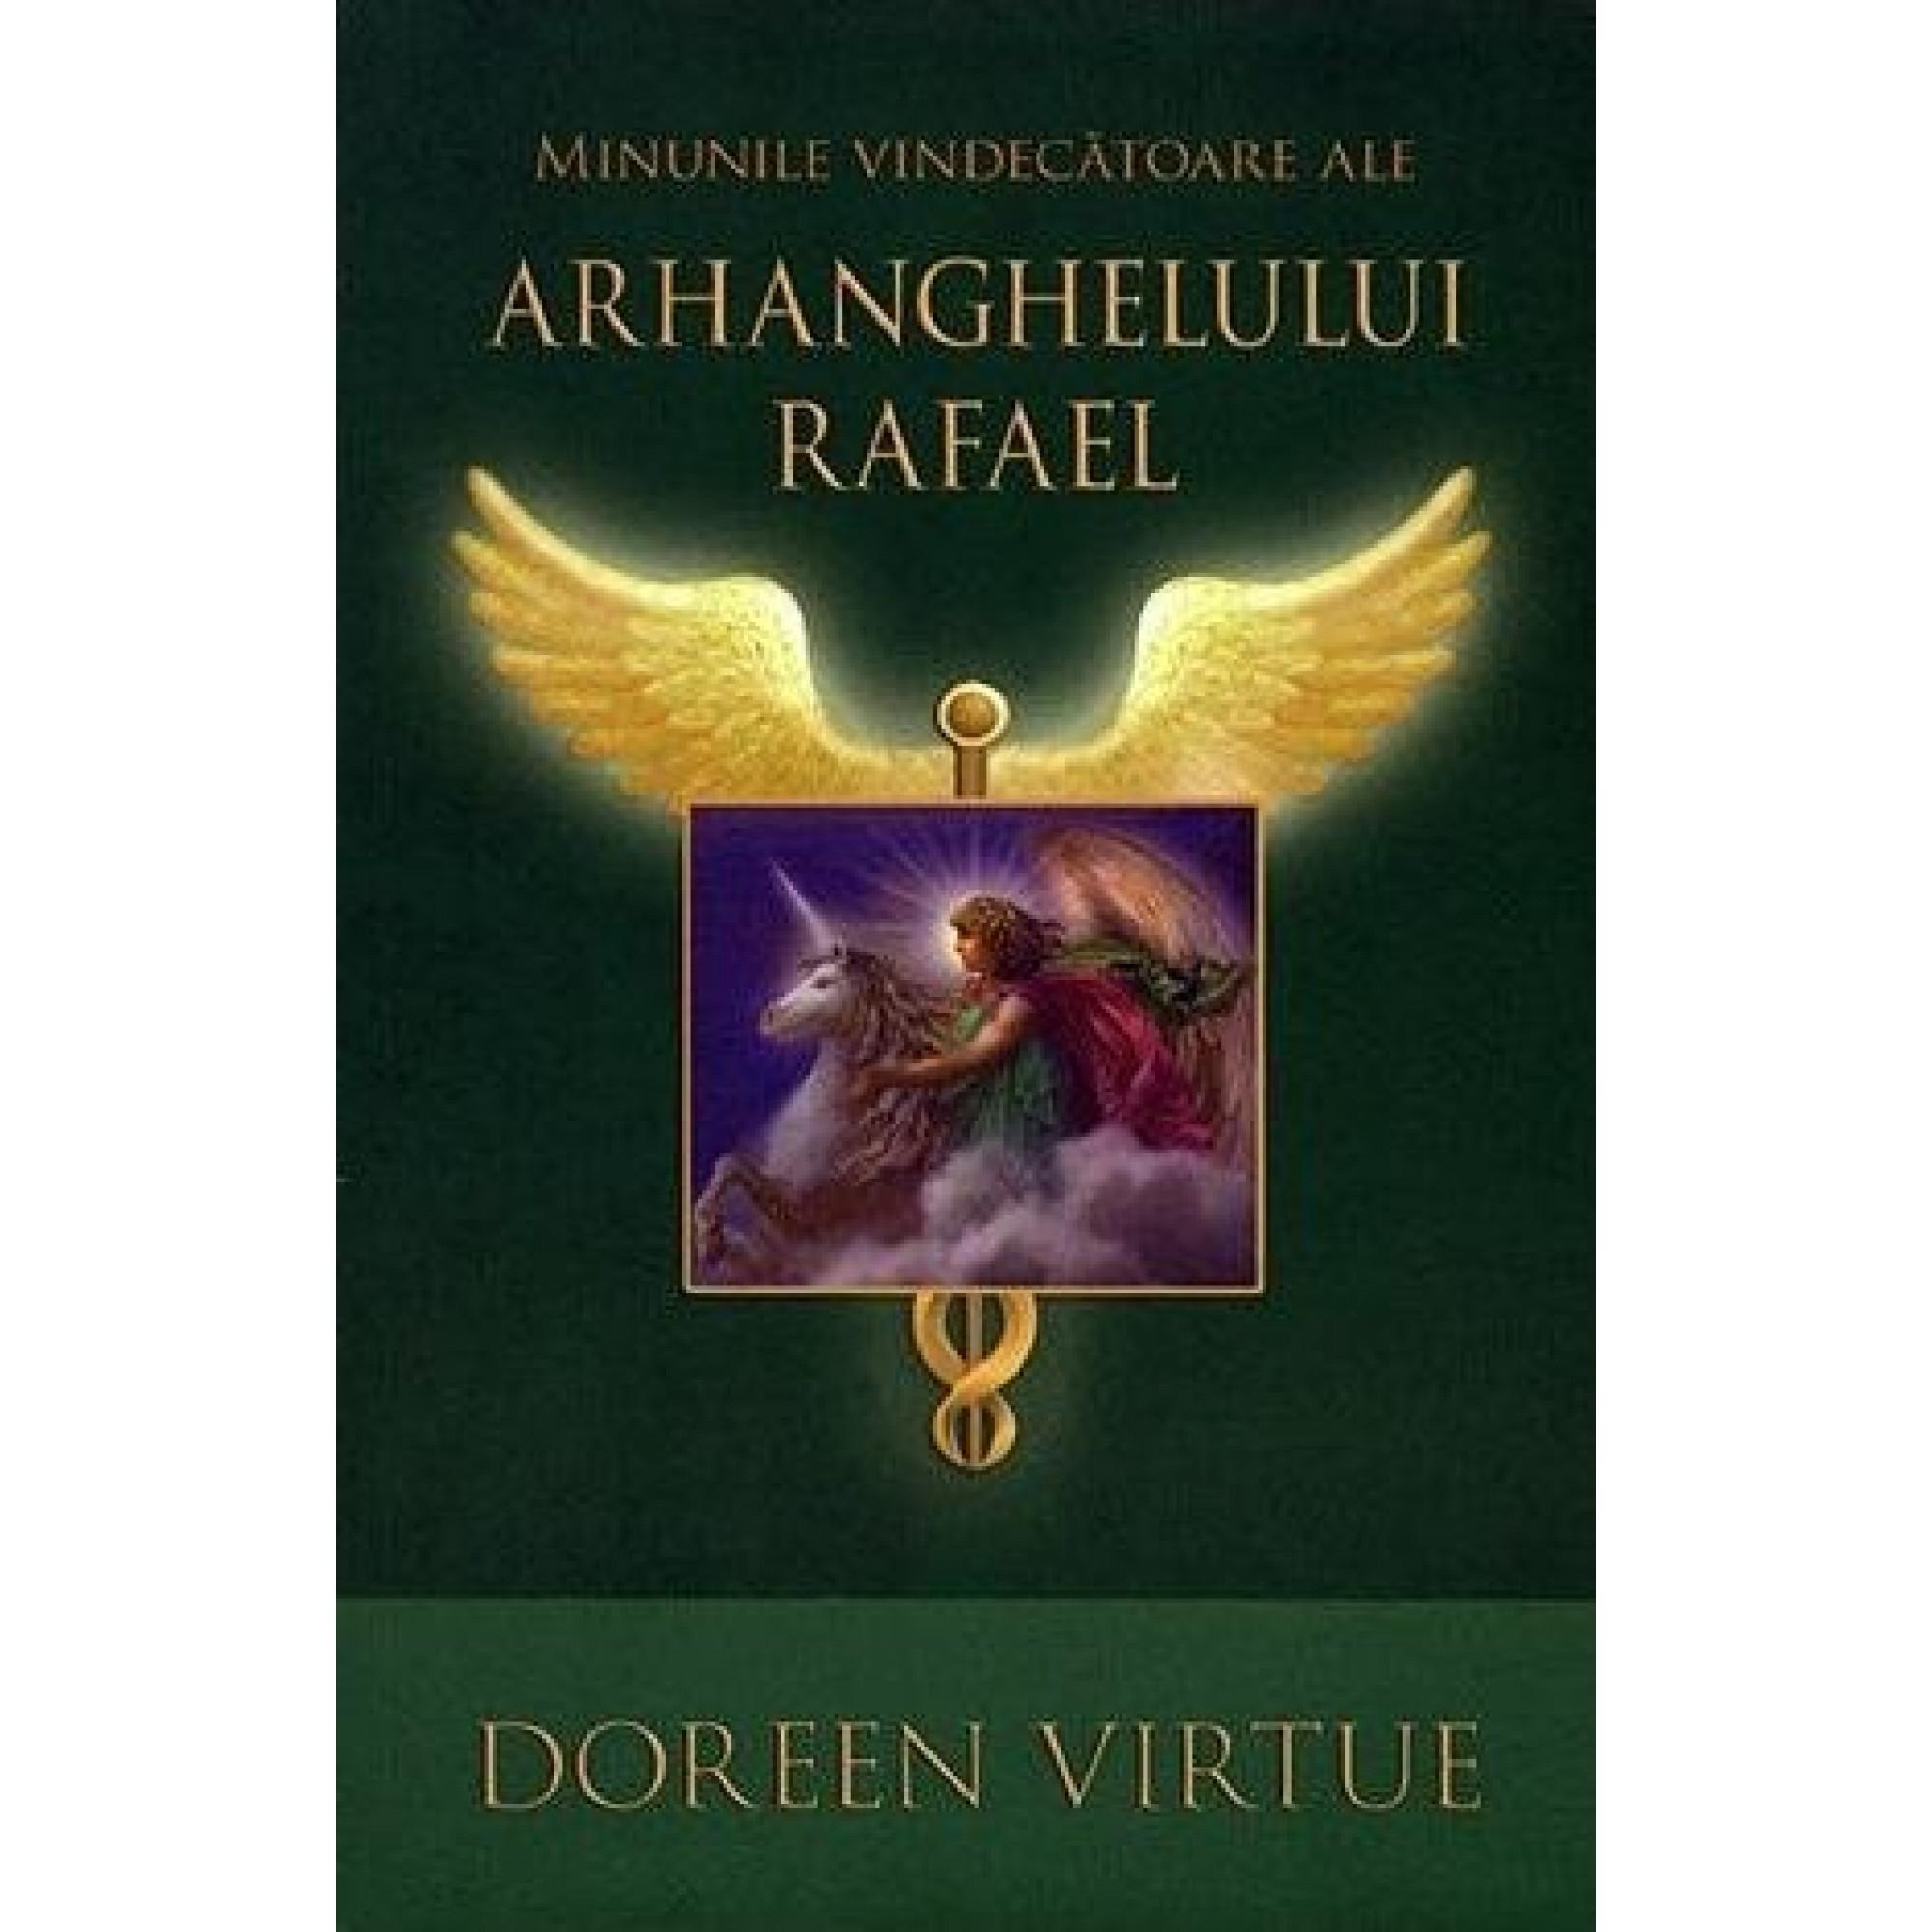 Minunile vindecătoare ale Arhanghelului Rafael; Doreen Virtue